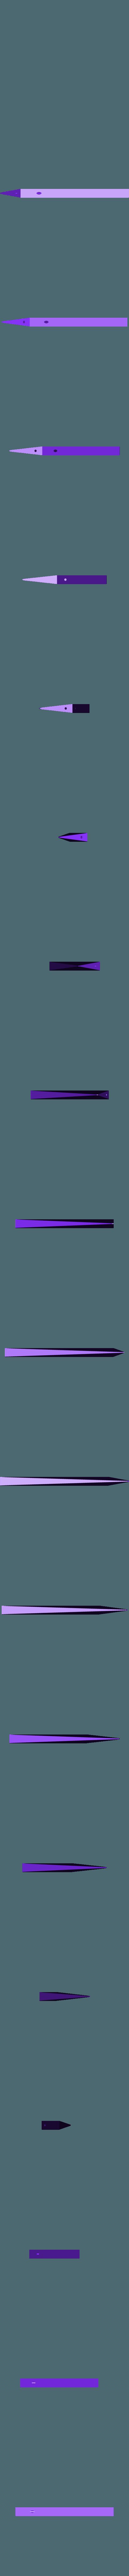 300x300x350 - Silver - Blade - Part 1.stl Download STL file Final Fantasy VII - Buster Sword - Bracelet - Shoulder pad  • 3D print model, 3Dutchie